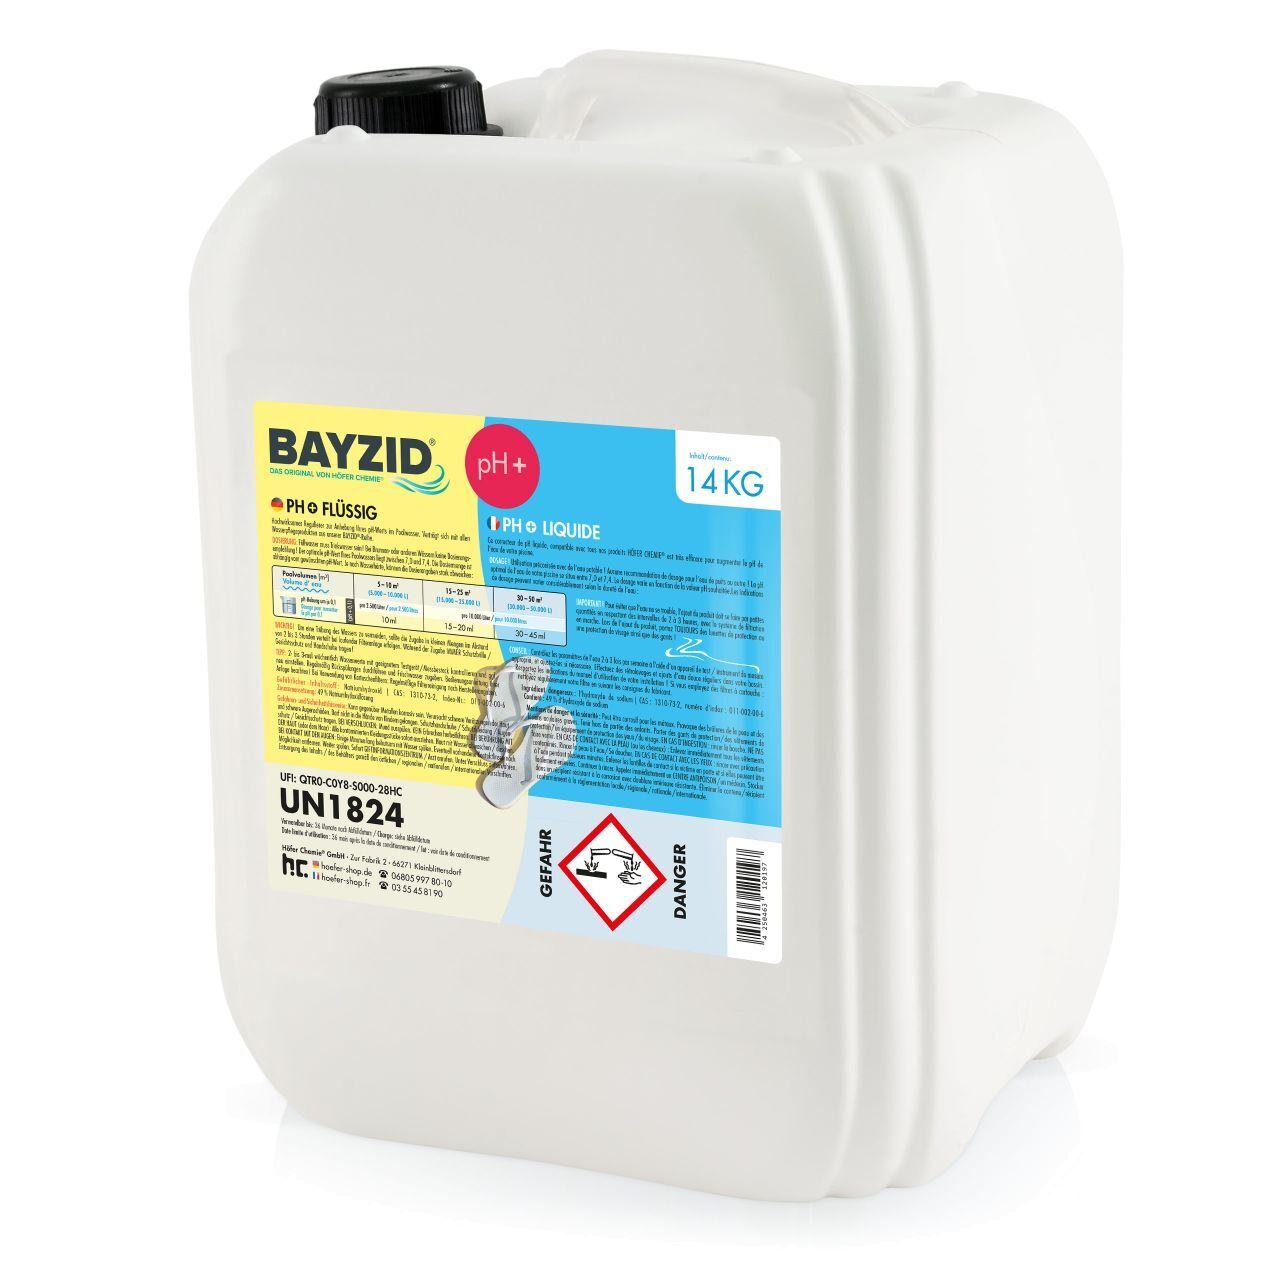 BAYZID 56 kg Bayzid® pH plus liquide (4 x 14 kg)